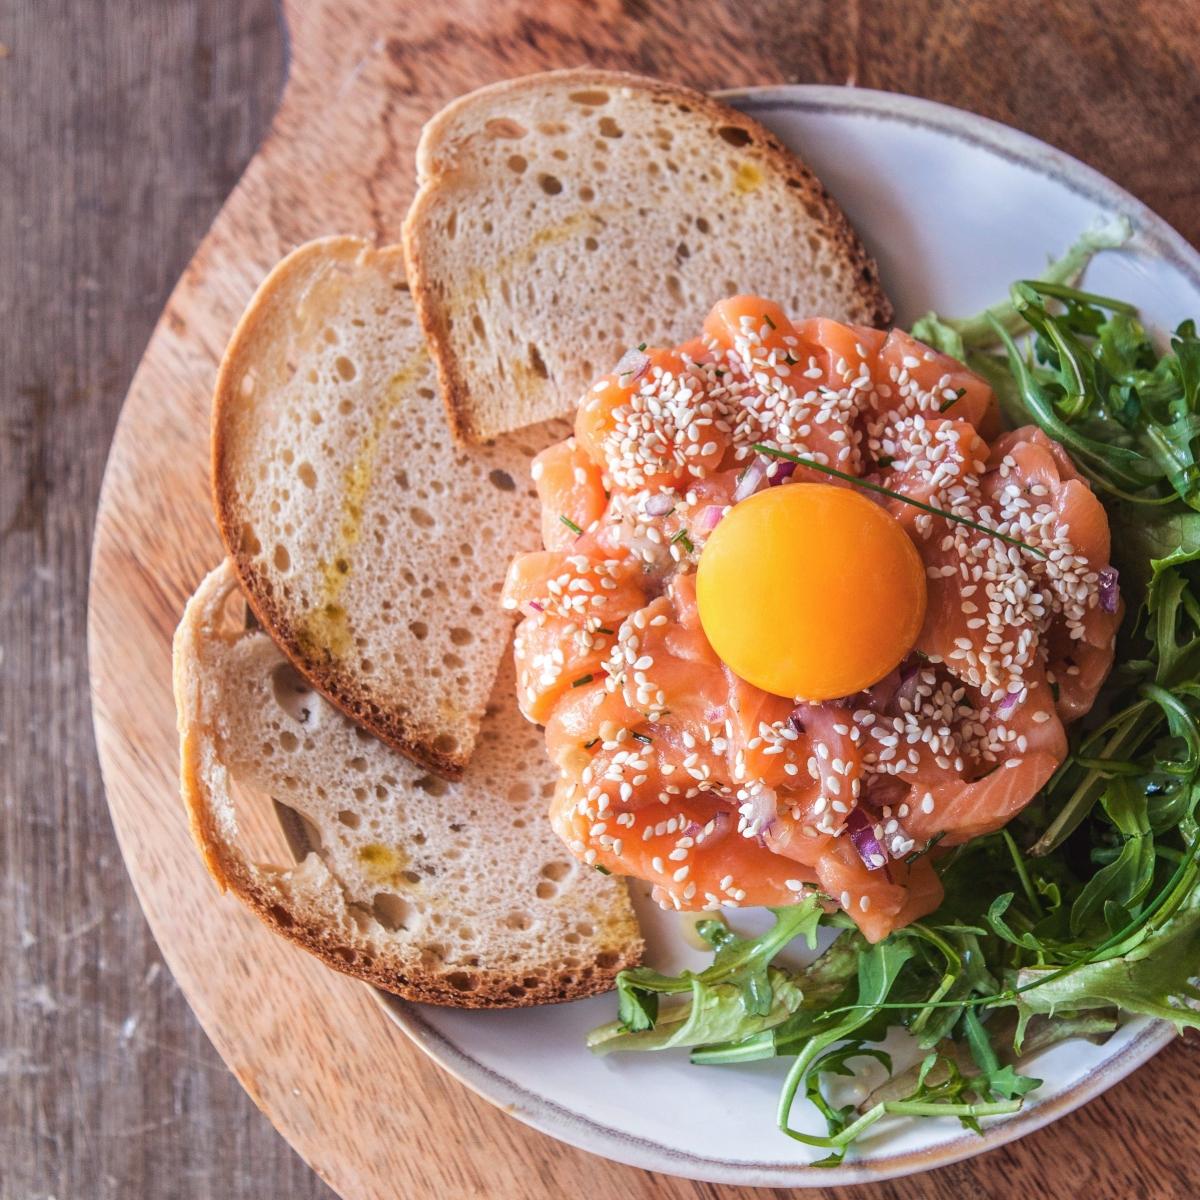 Tártaro de salmão com alho francês